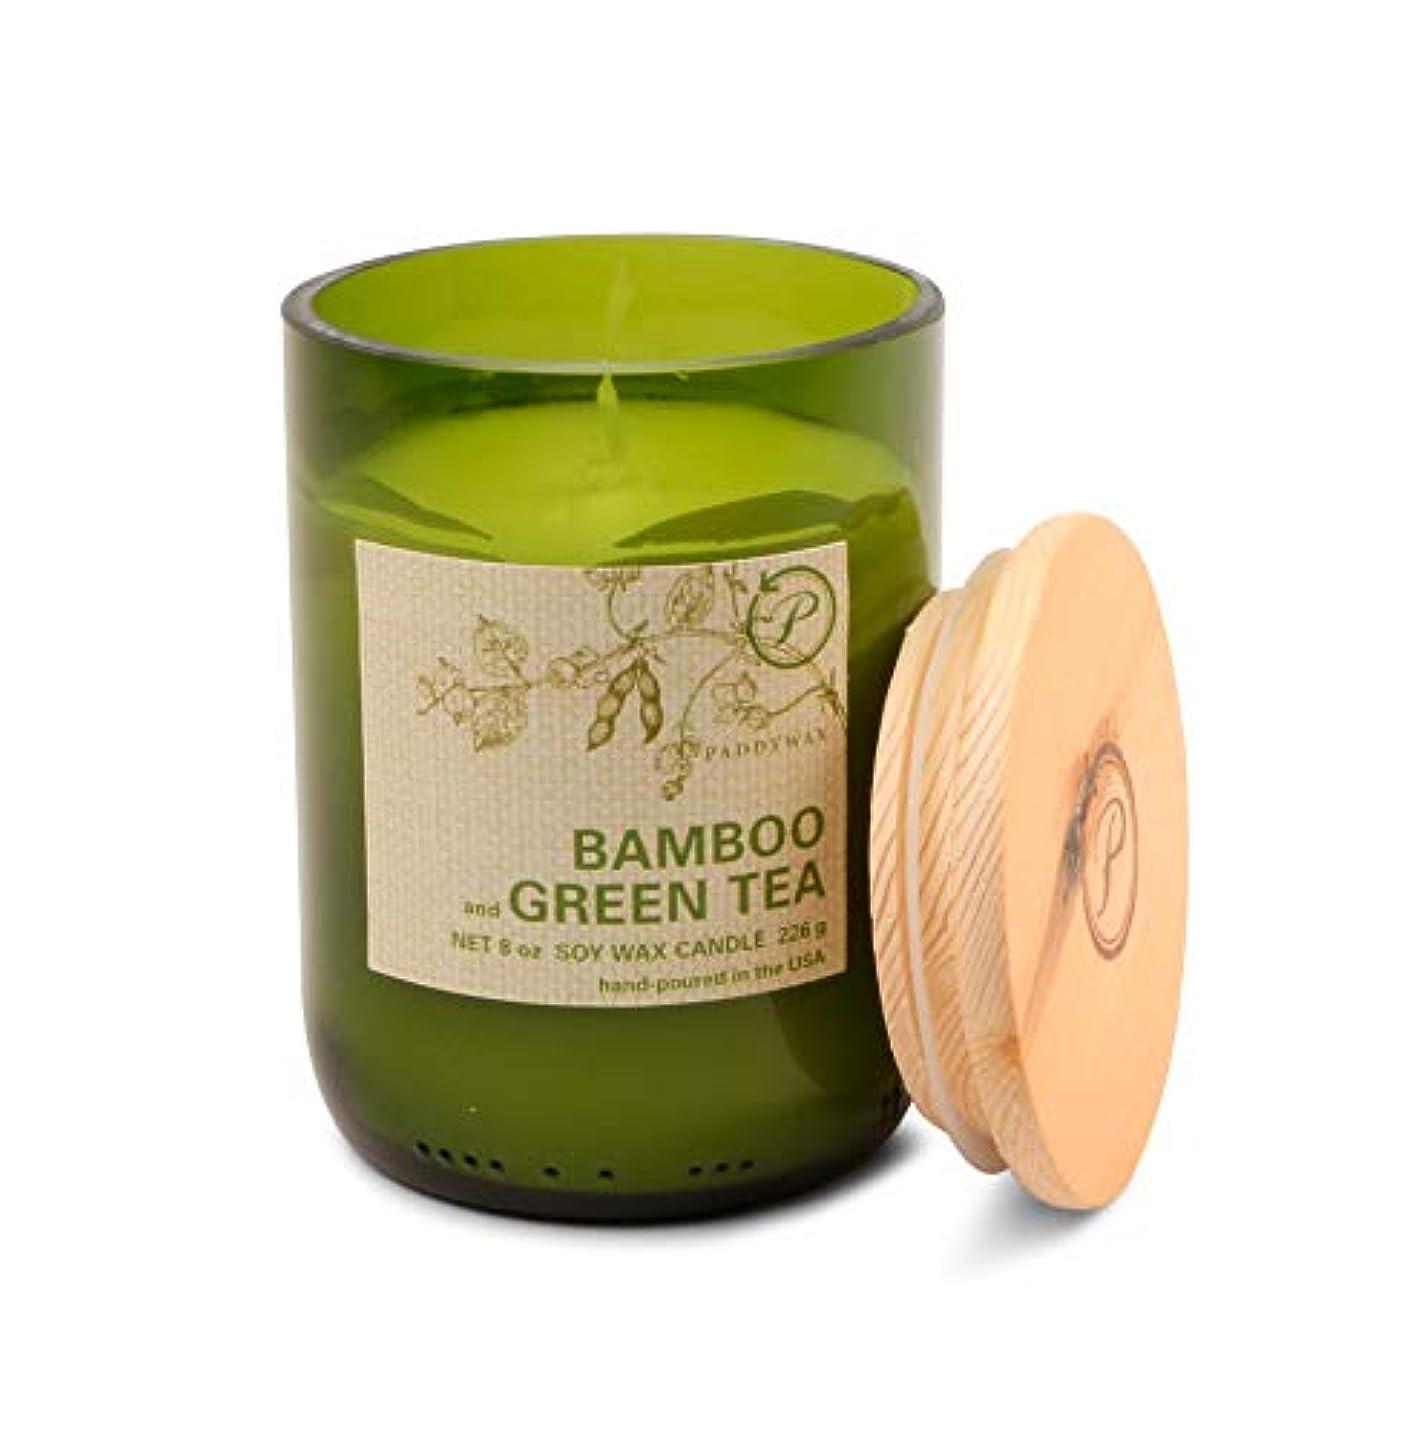 業界見通しホイストパディワックス(PADDYWAX) エコ?グリーン キャンドル(ECO GREEN Candle) バンブー & グリーンティー(BAMBOO and GREEN TEA)